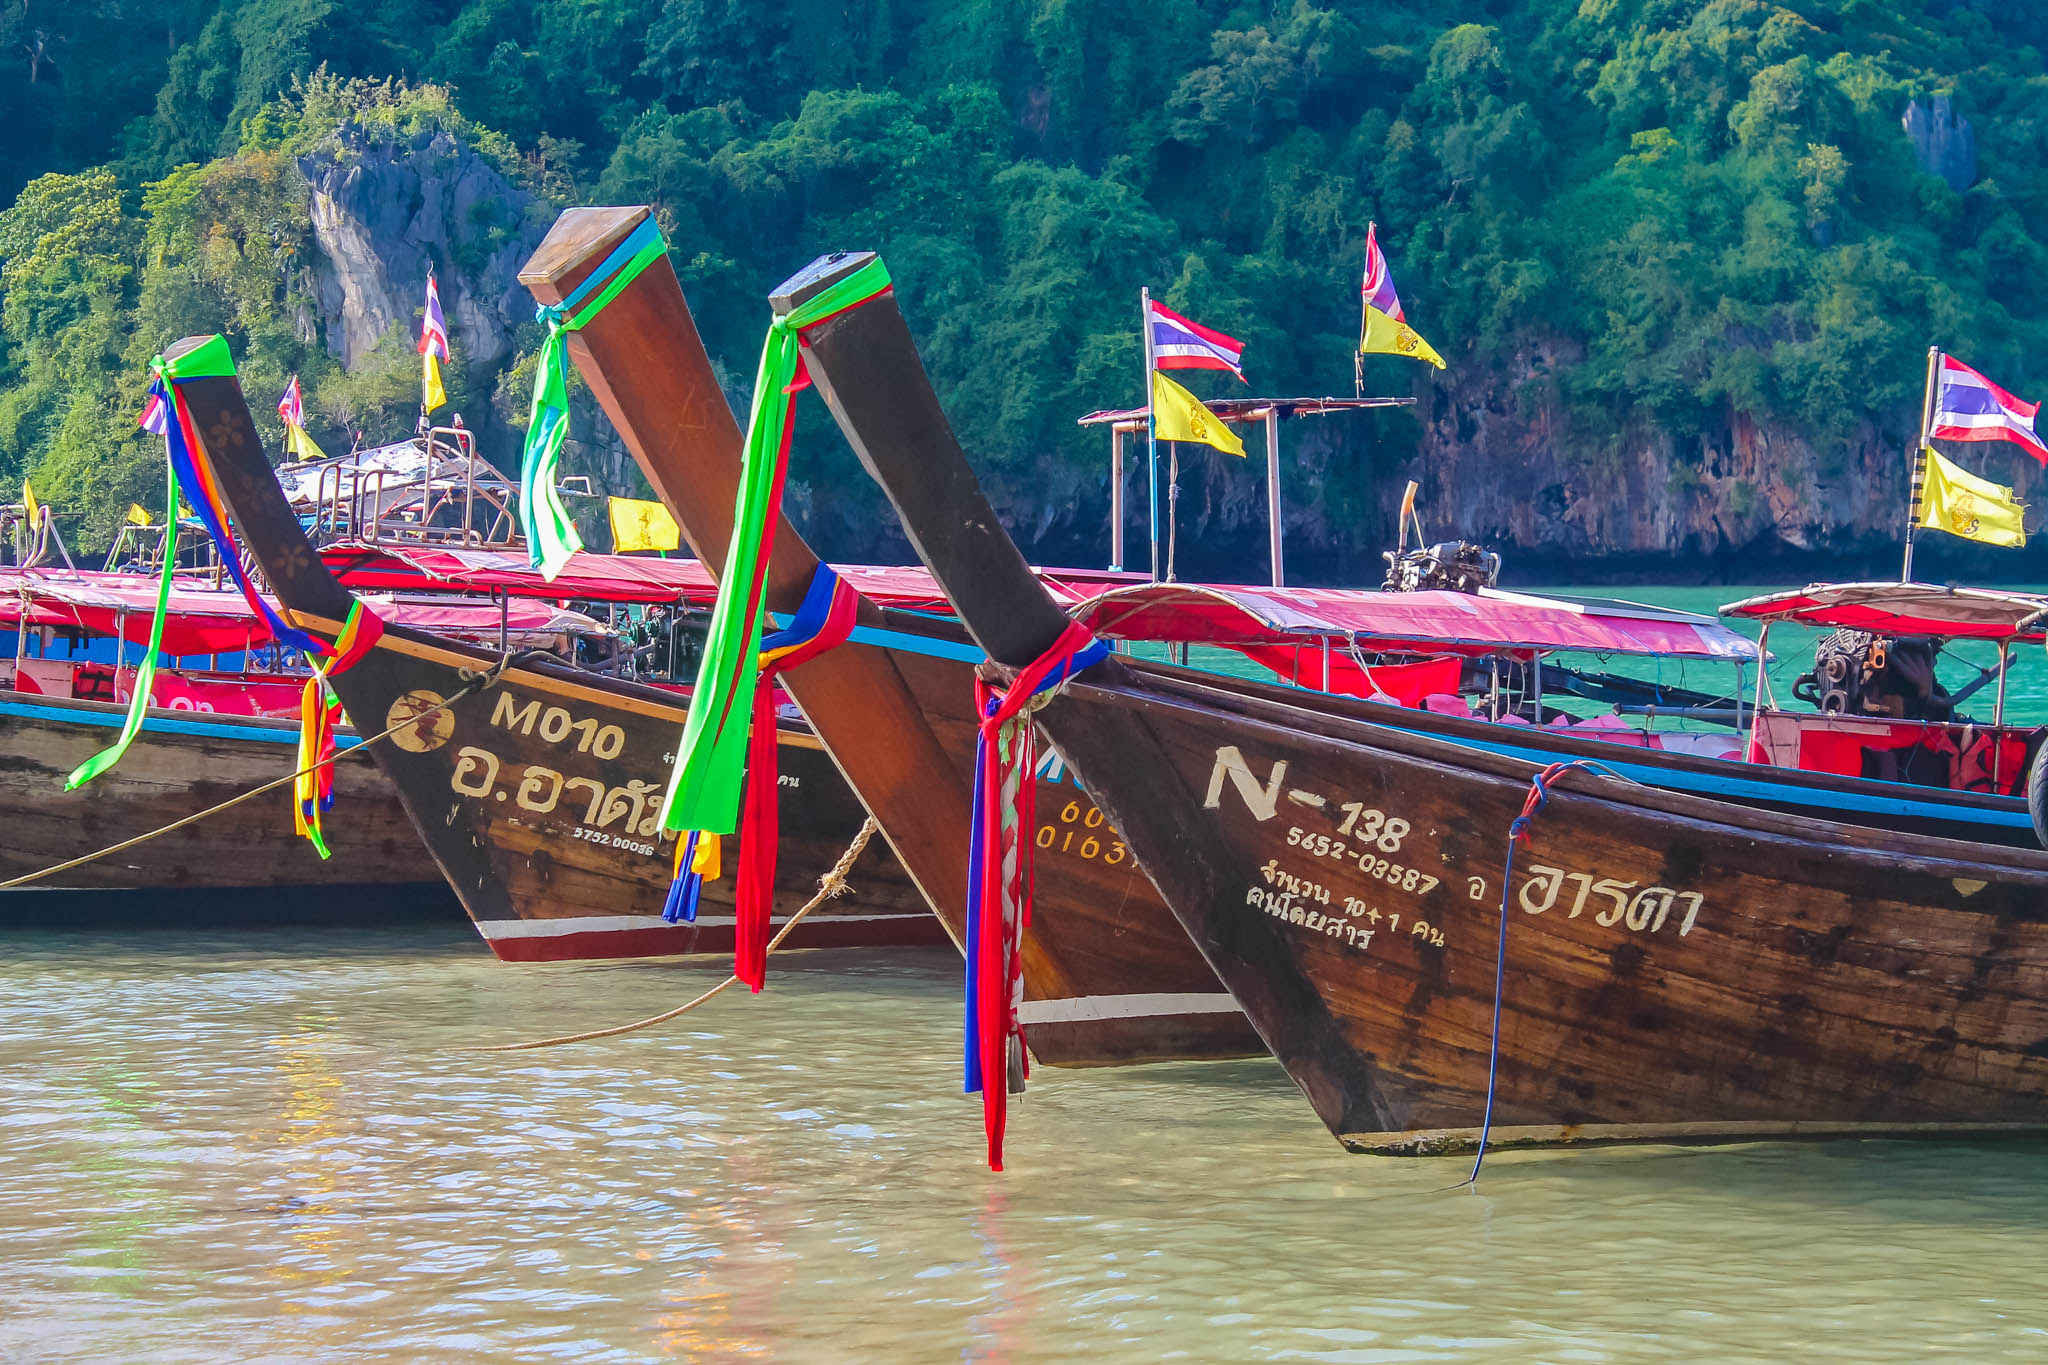 passeios em krabi - passeio das 4 ilhas krabi